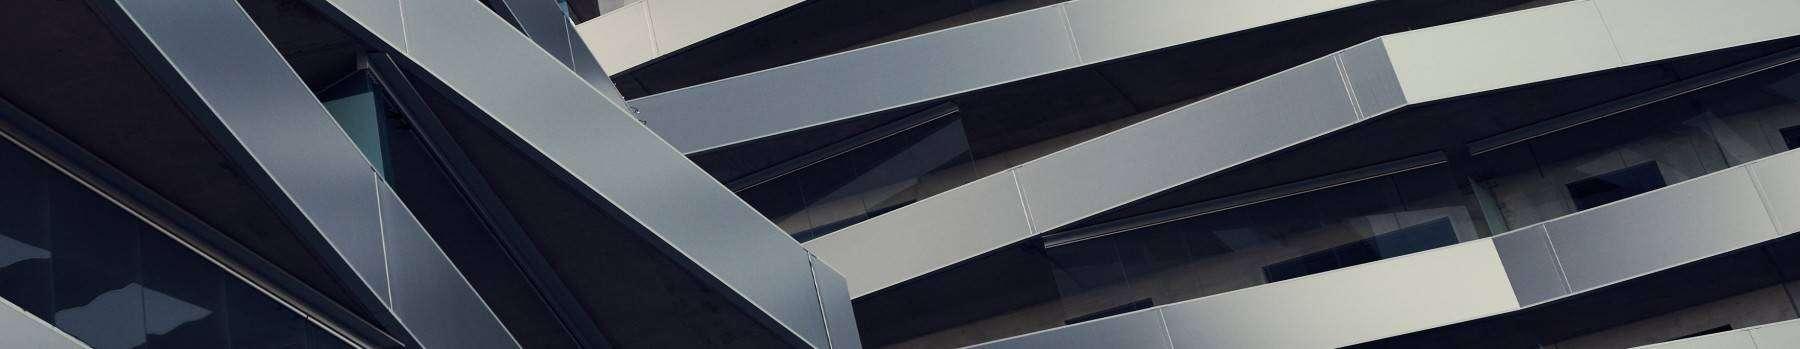 Pour des bâtiments haute performance livrés en toute confiance